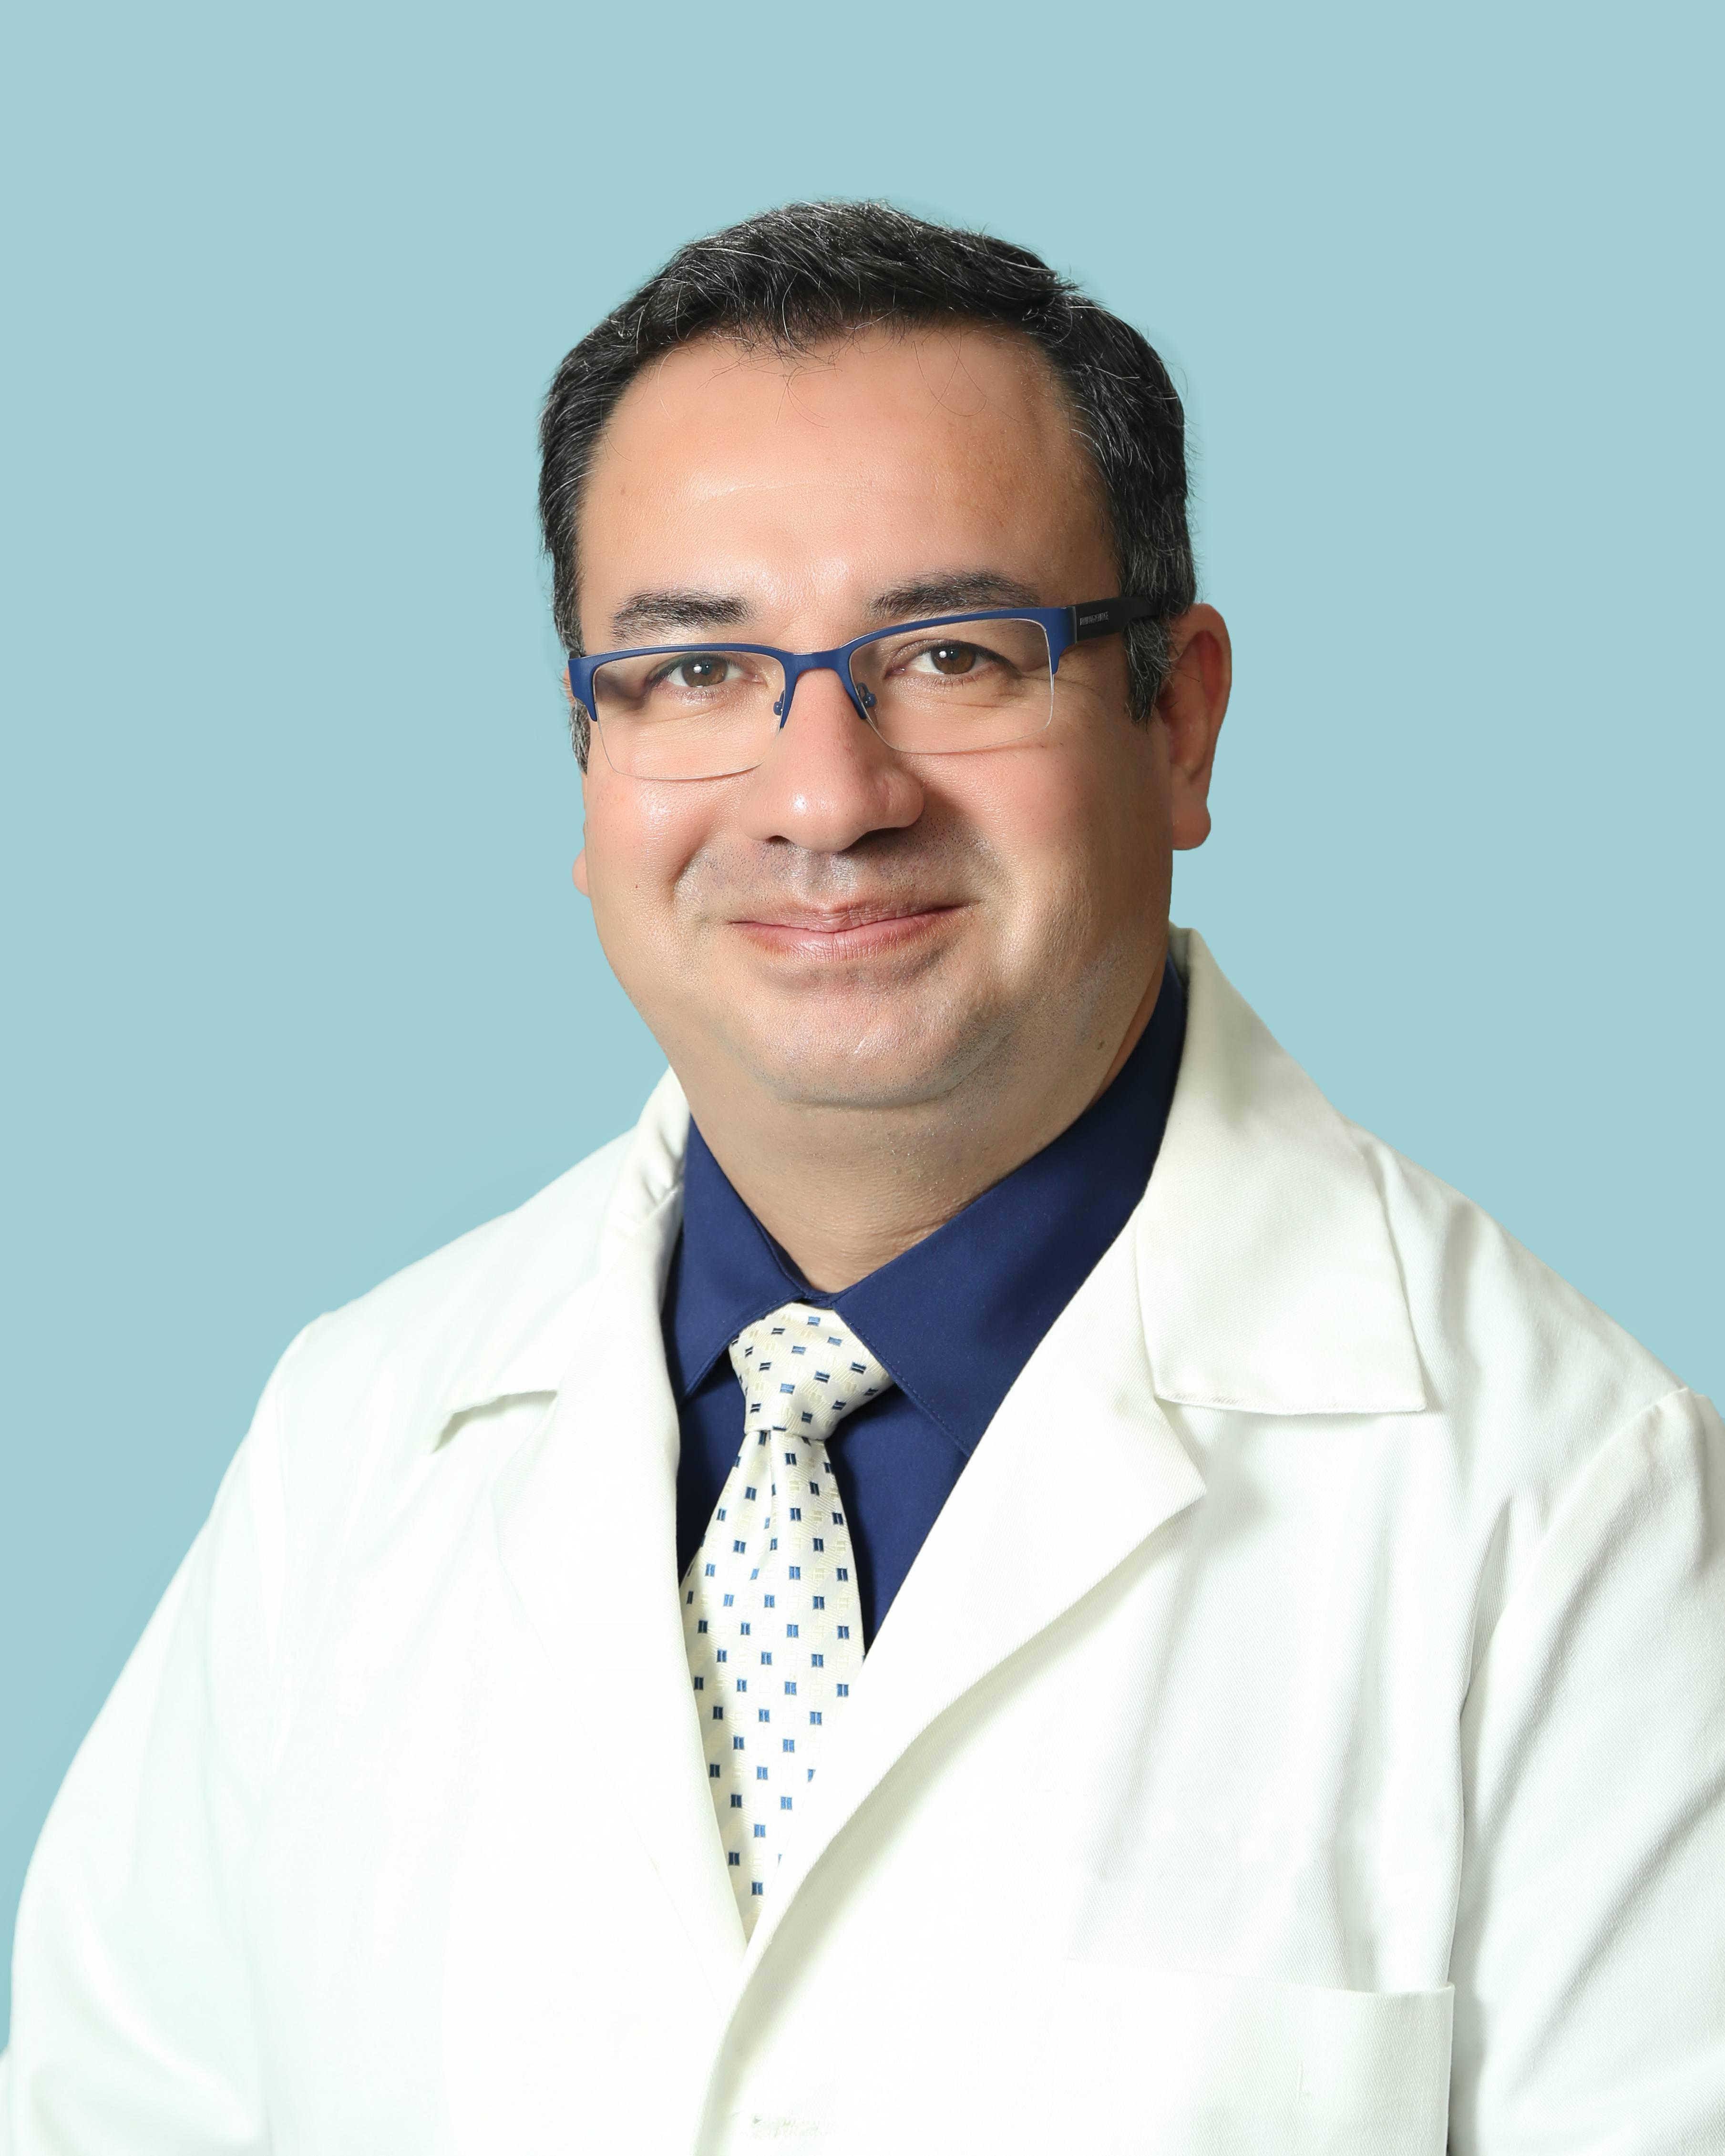 Franco B. Godoy, MD